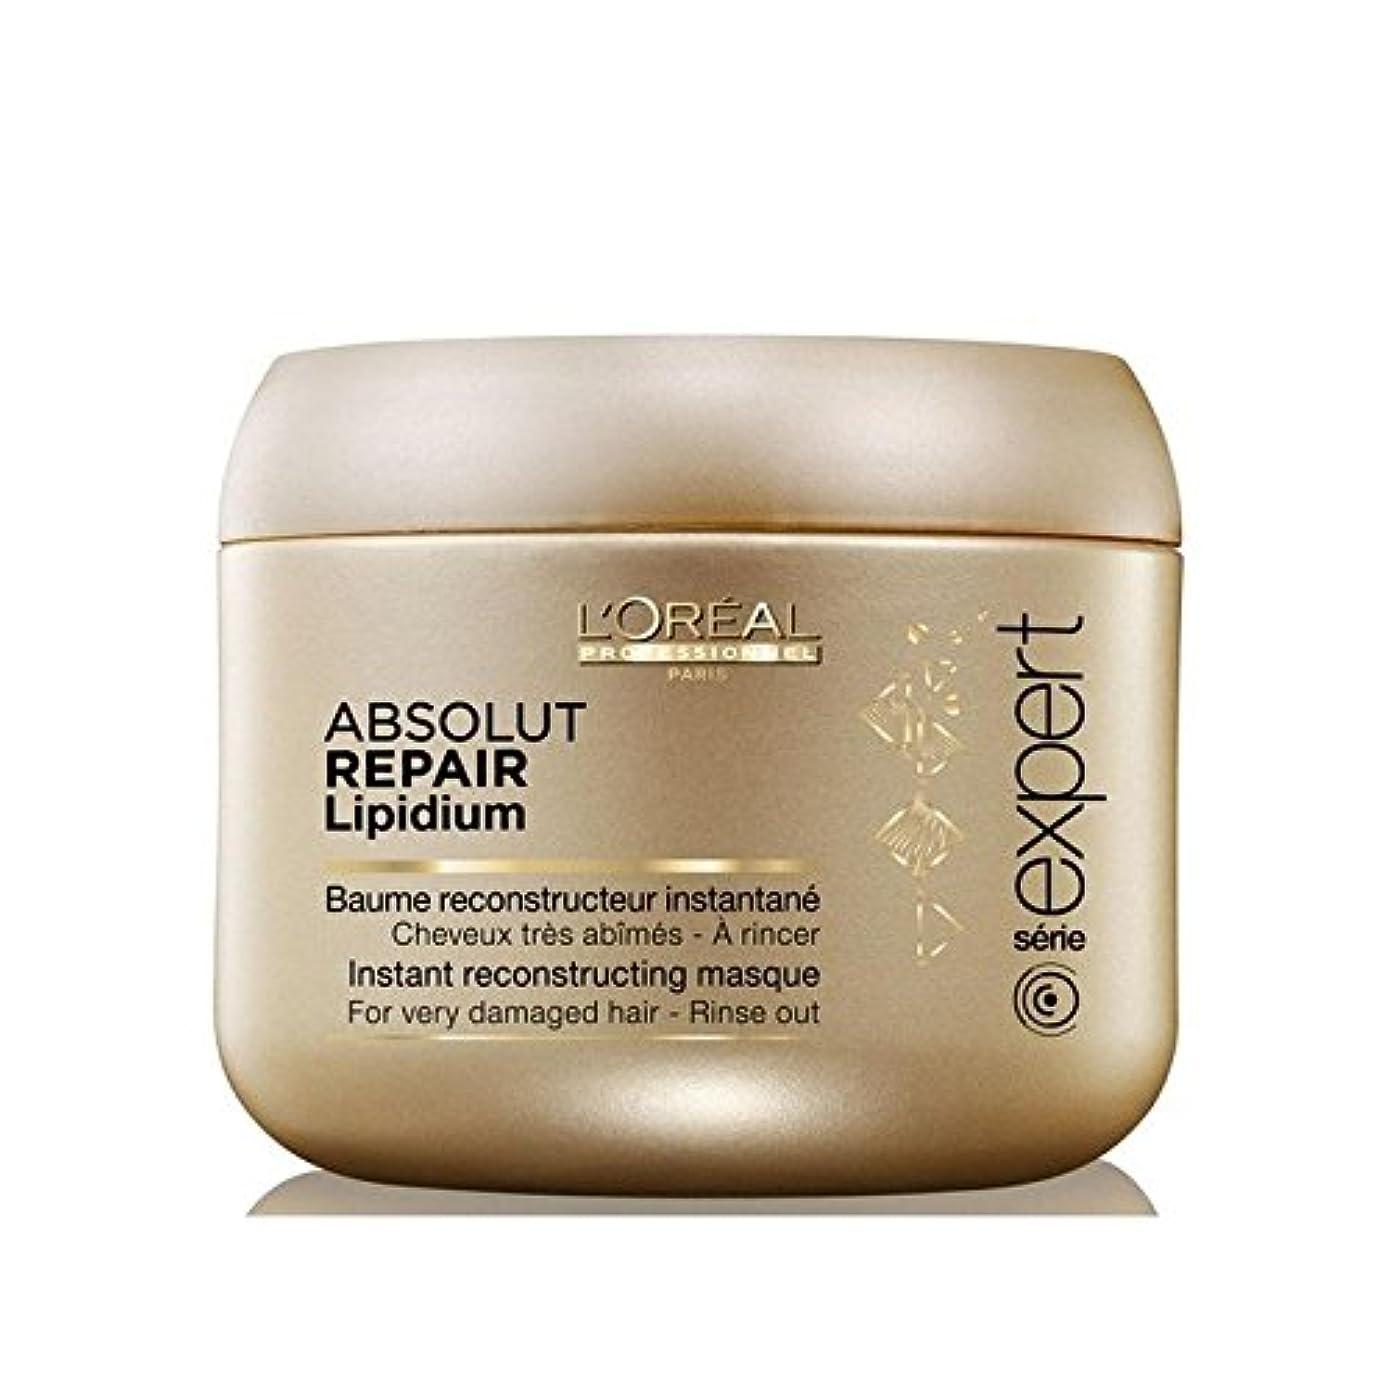 翻訳毛細血管日食L'Oreal Professionnel Absolut Repair Lipidium Masque (200ml) - ロレアルプロフェッショナルのアブソルートリペアの仮面(200ミリリットル) [並行輸入品]